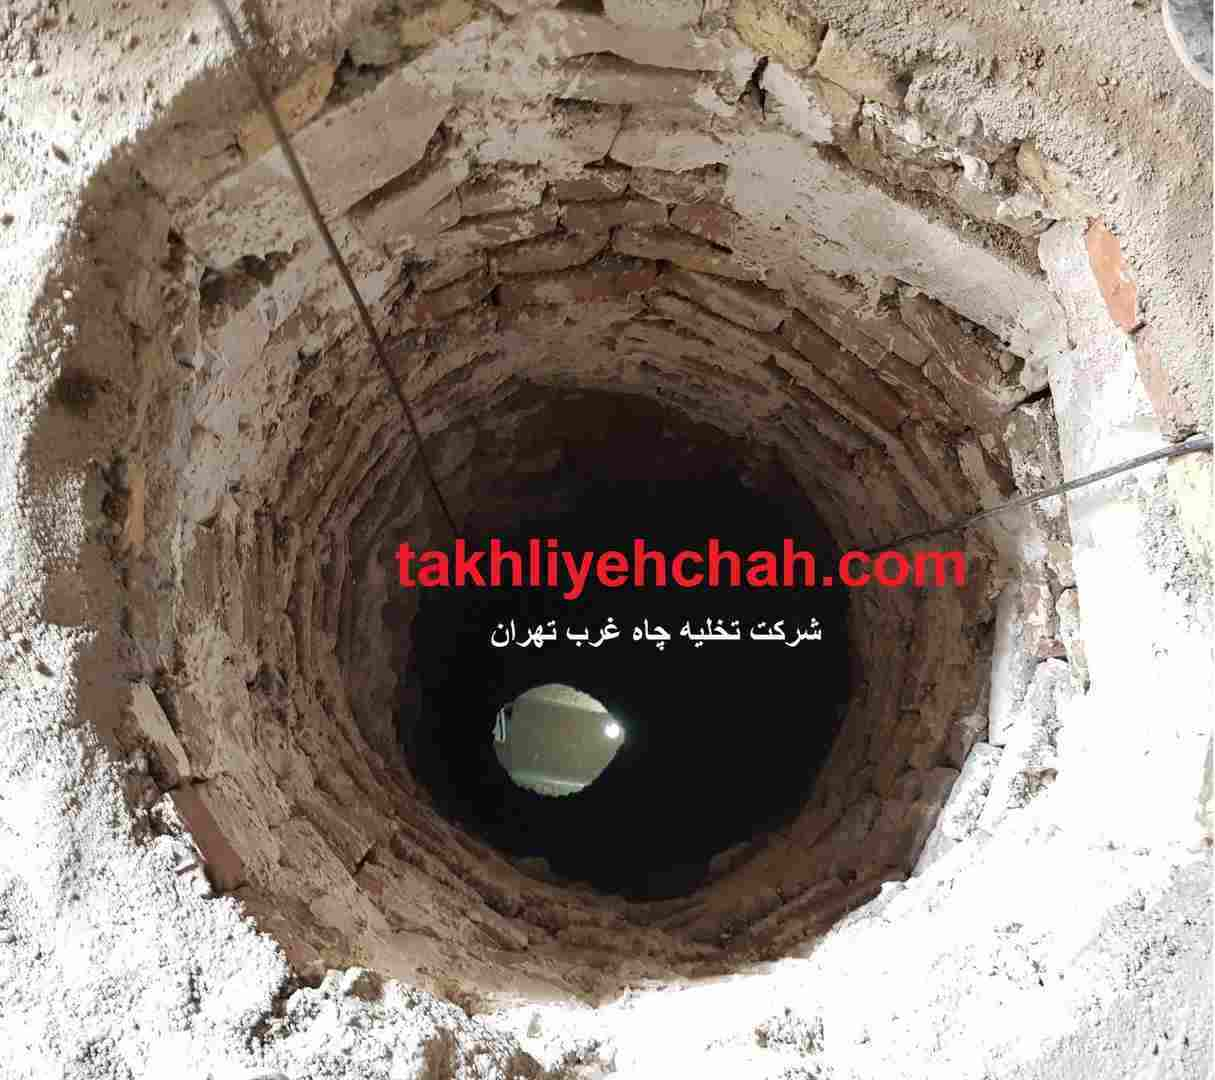 شرکت تخلیه چاه تهران